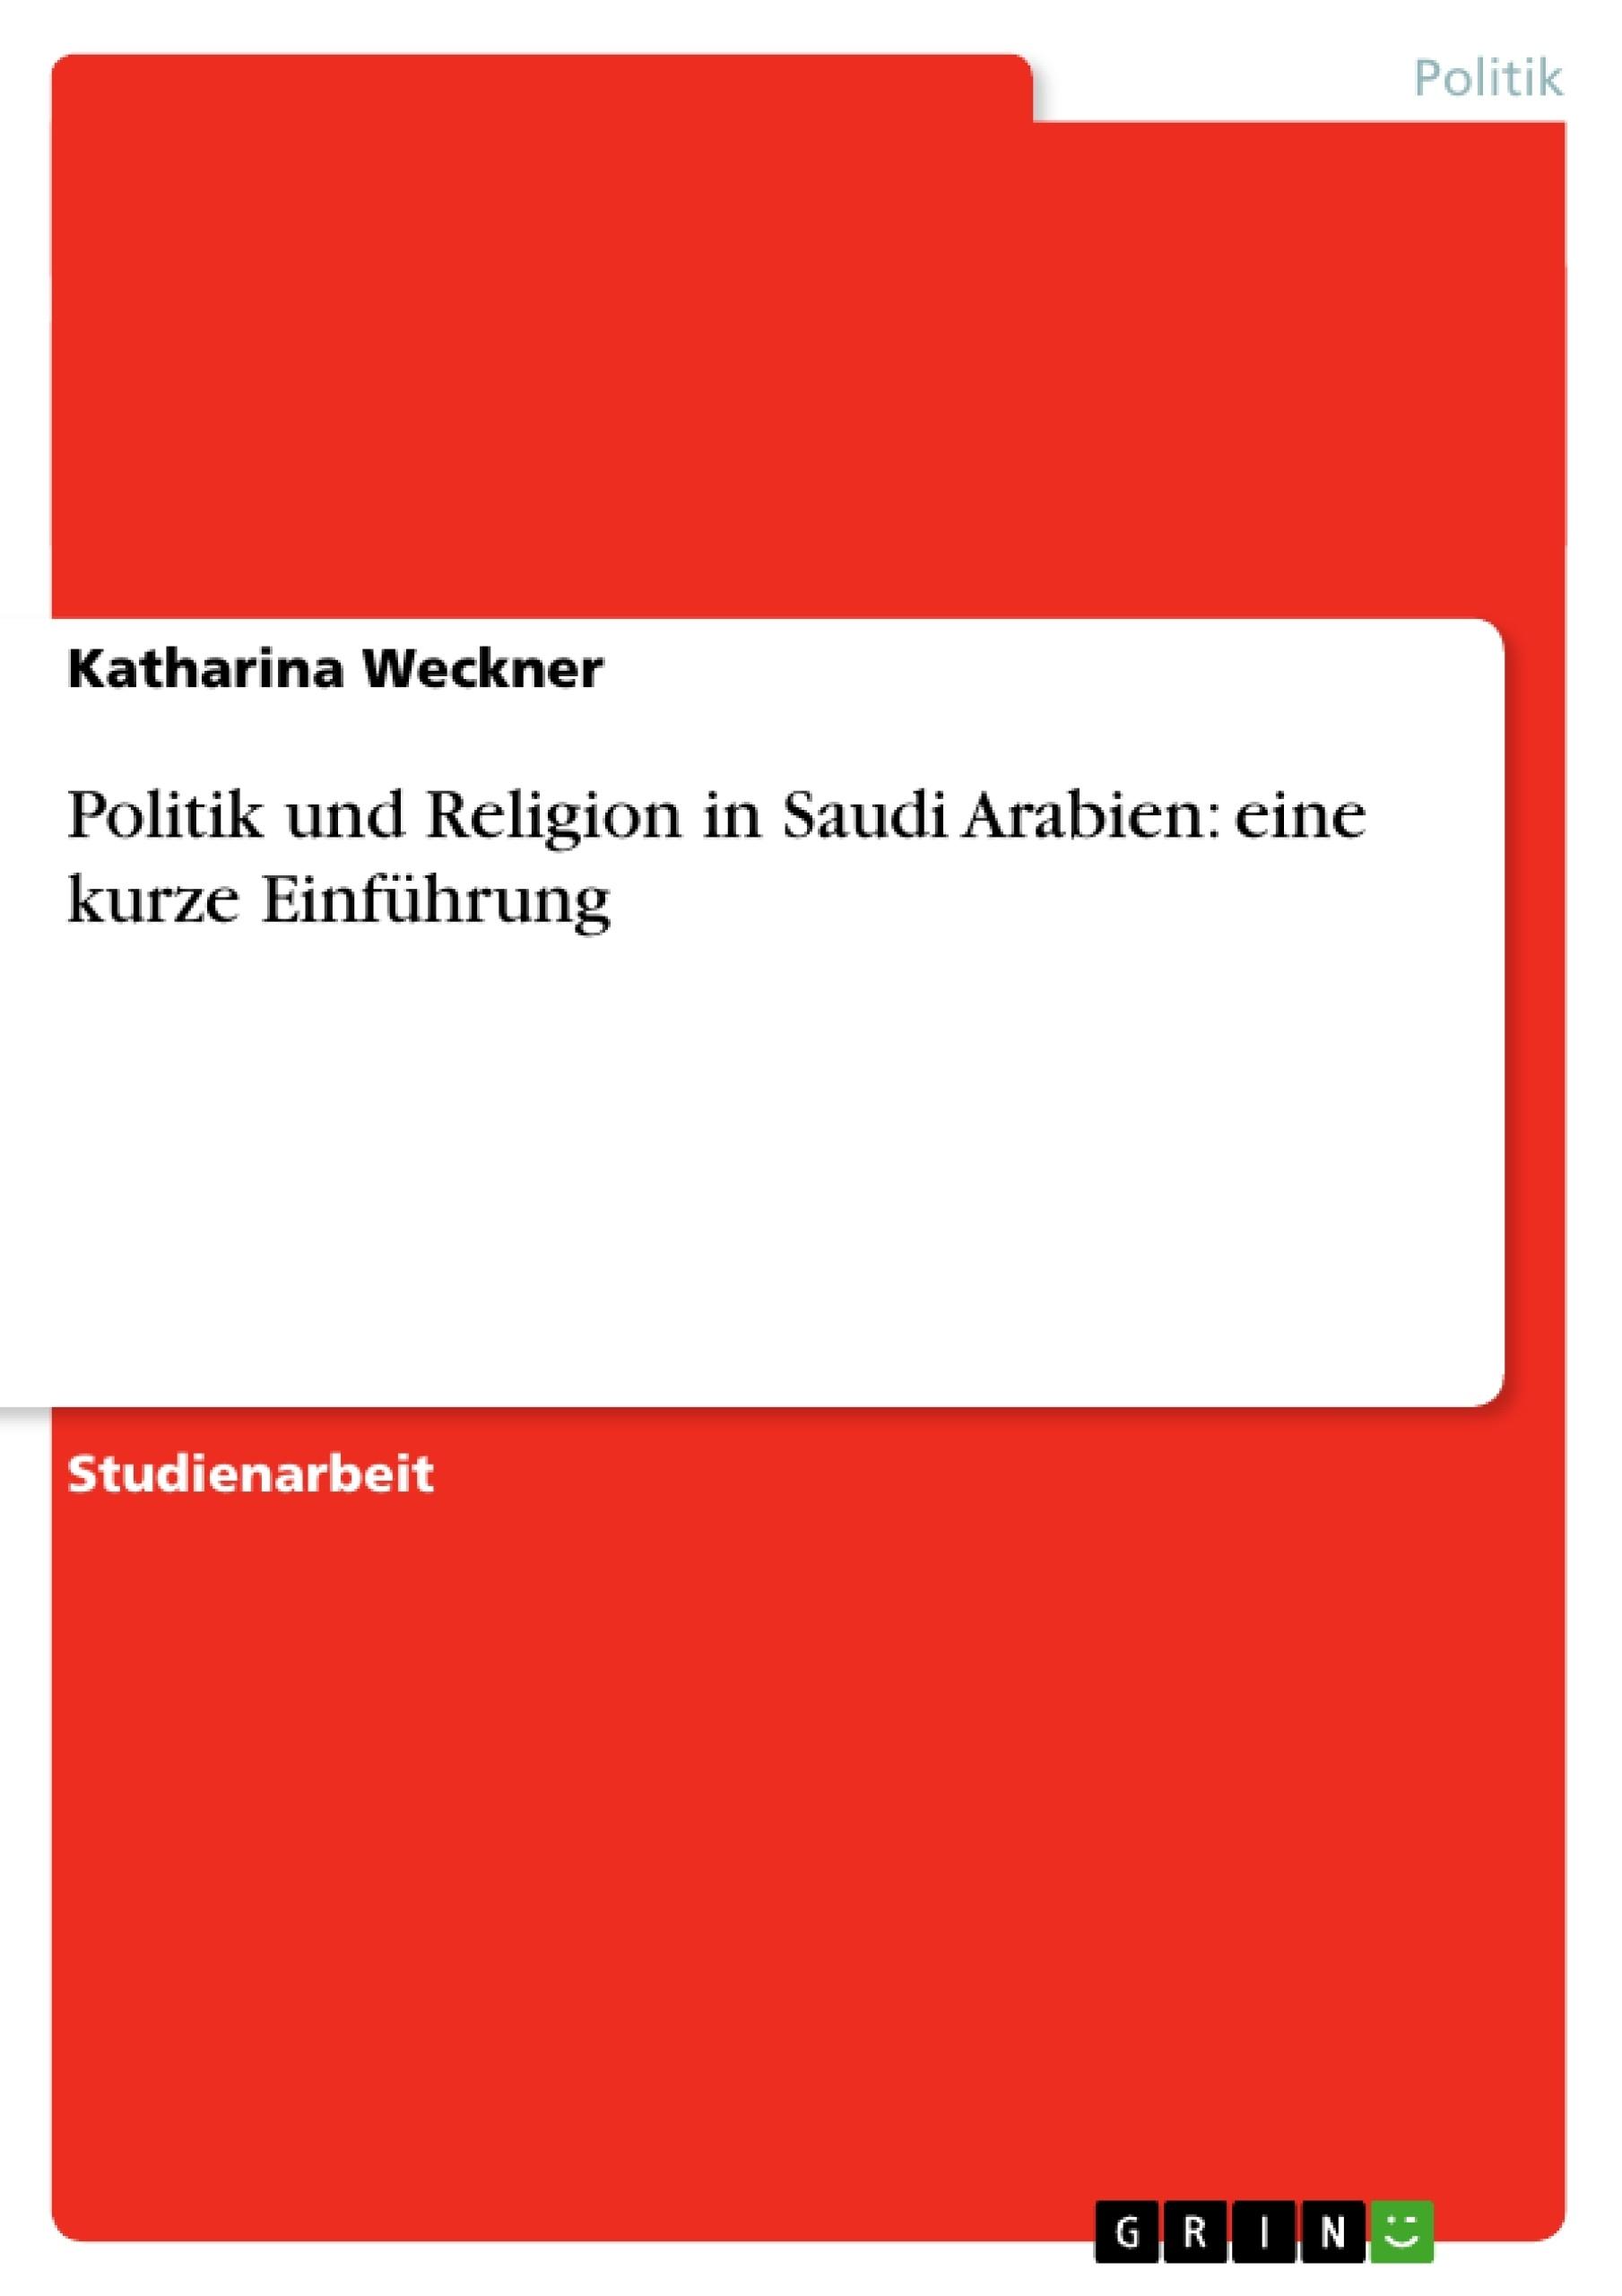 Titel: Politik und Religion in Saudi Arabien: eine kurze Einführung